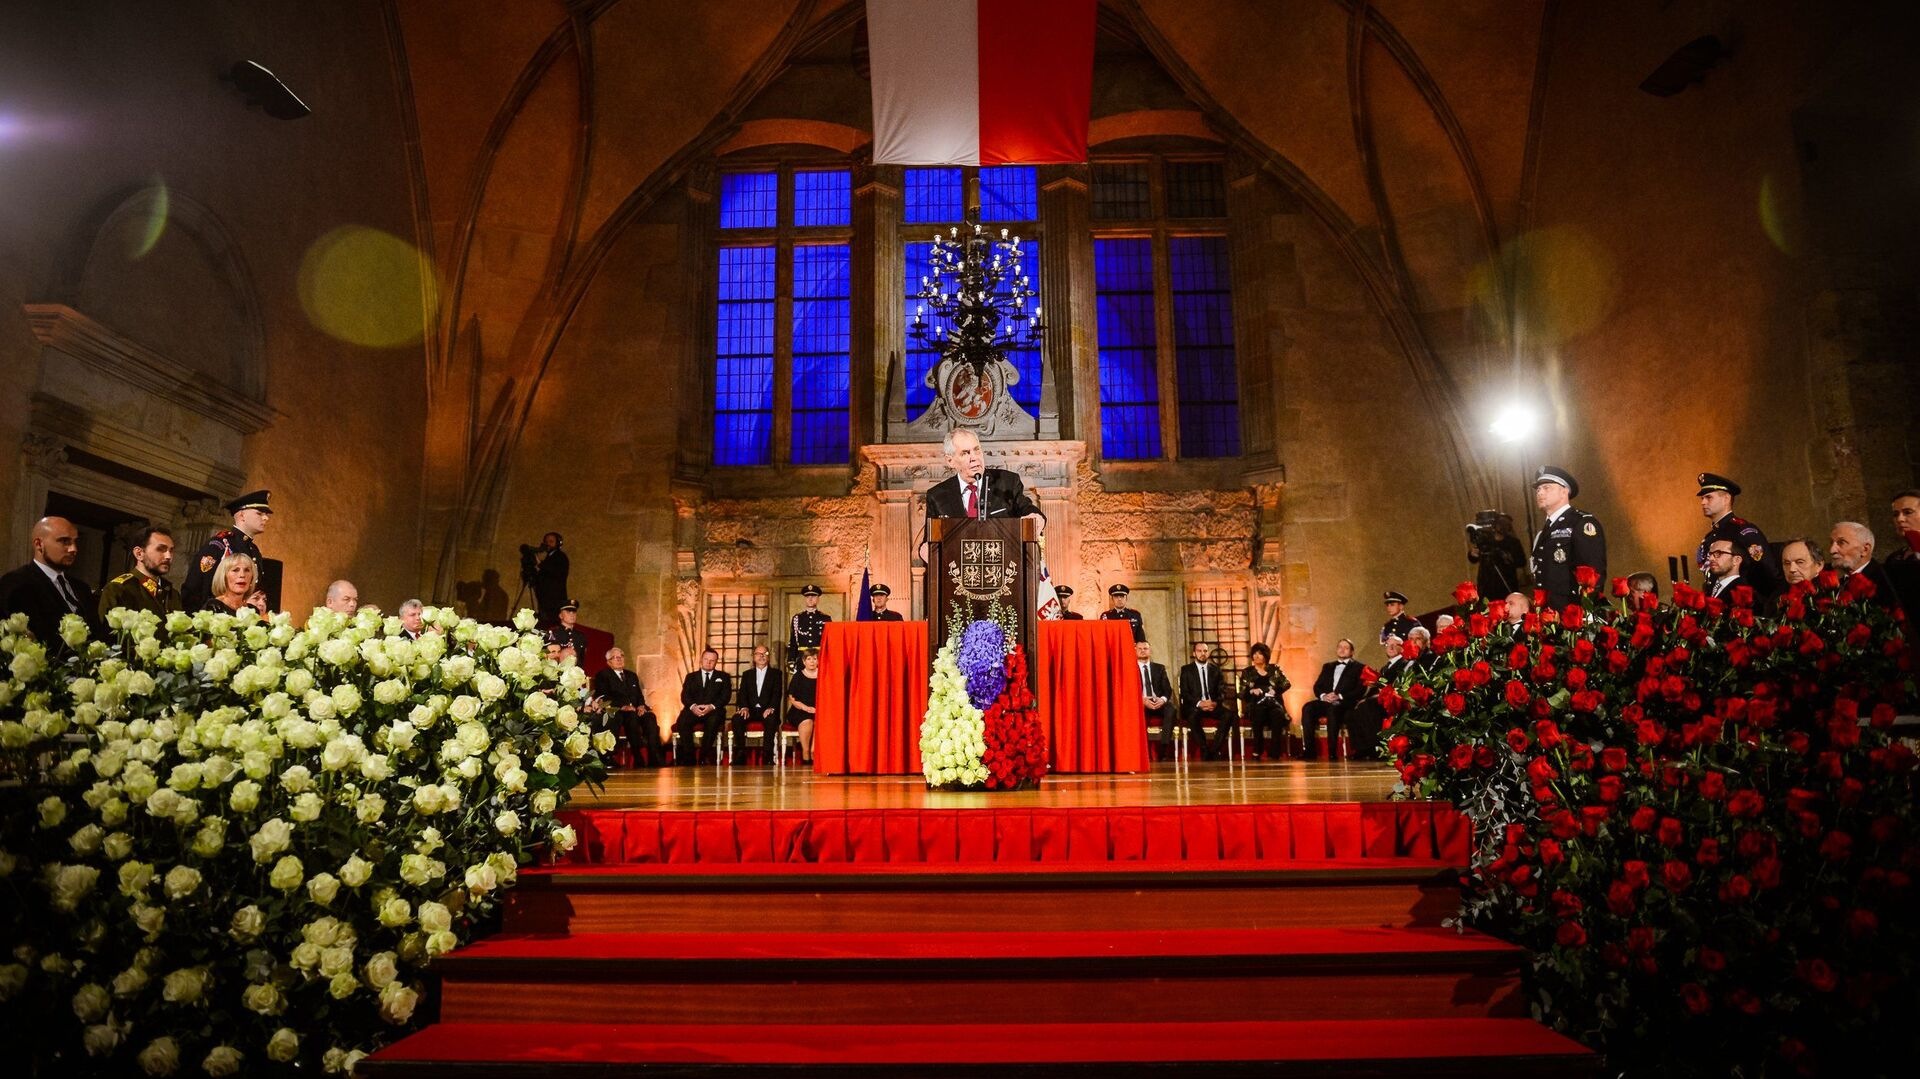 Slavnostní ceremoniál udílení státních vyznamenání ve Vladislavském sále Pražského hradu  - Sputnik Česká republika, 1920, 13.05.2021